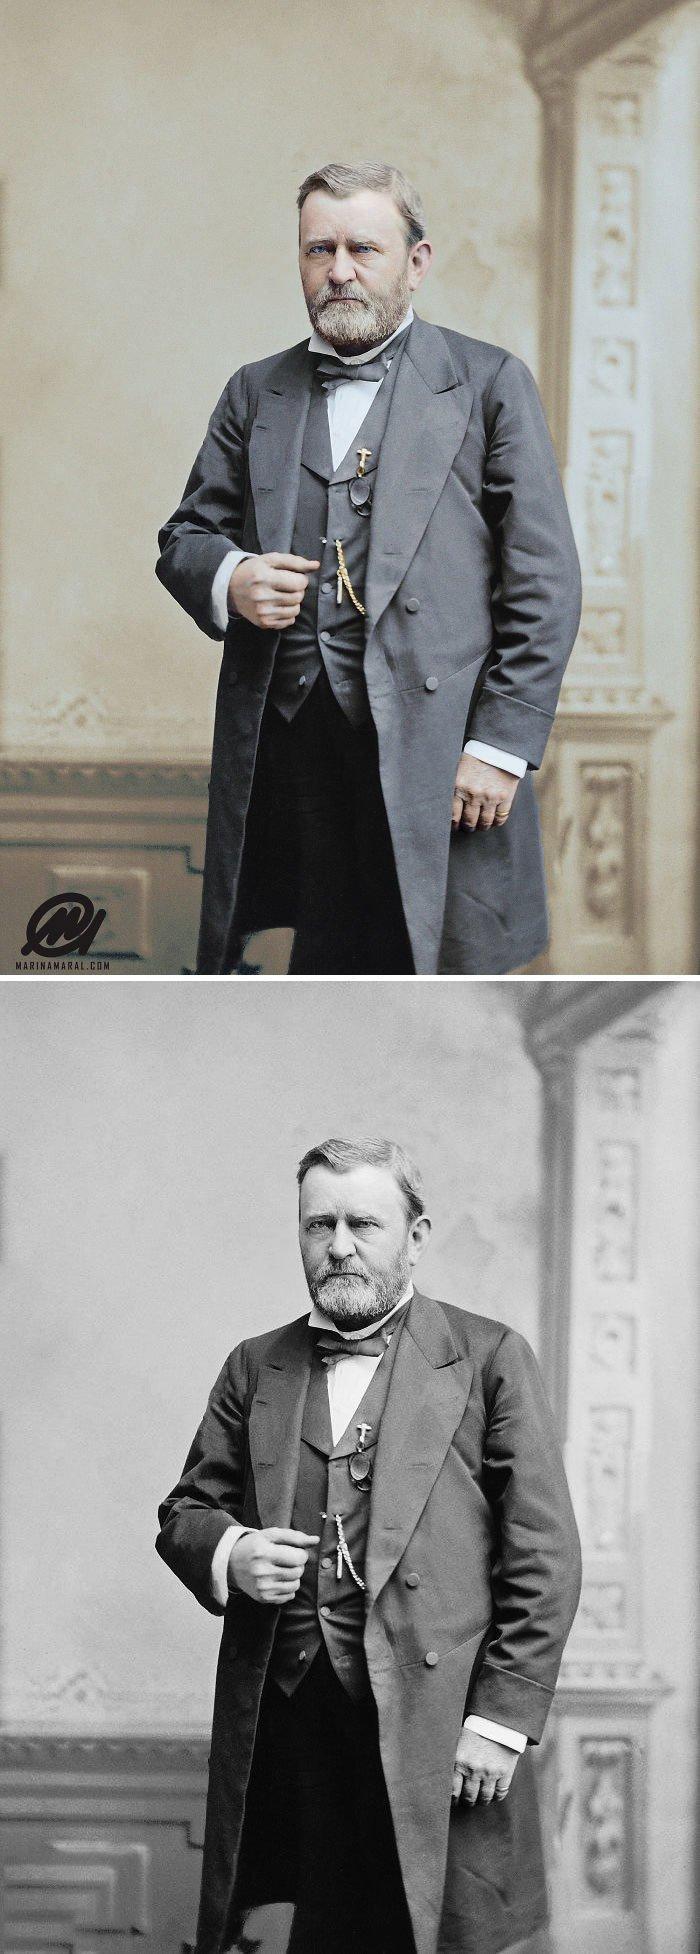 Улисс Грант, 1873 год история, портрет, прошлое, событие, фотография, фотомир, цвет